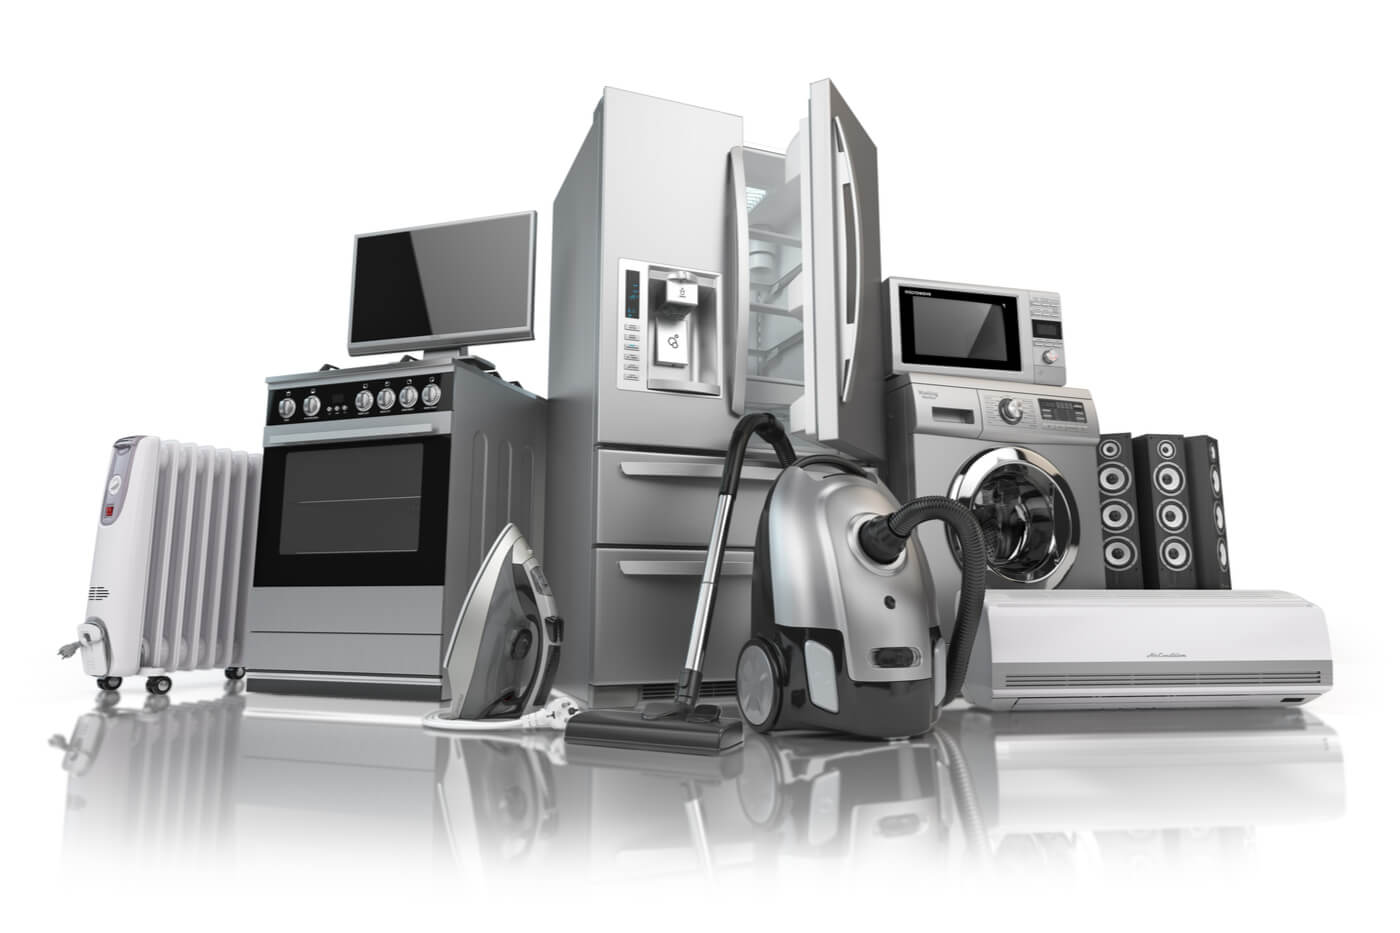 La importancia del acero inoxidable en los electrodomésticos